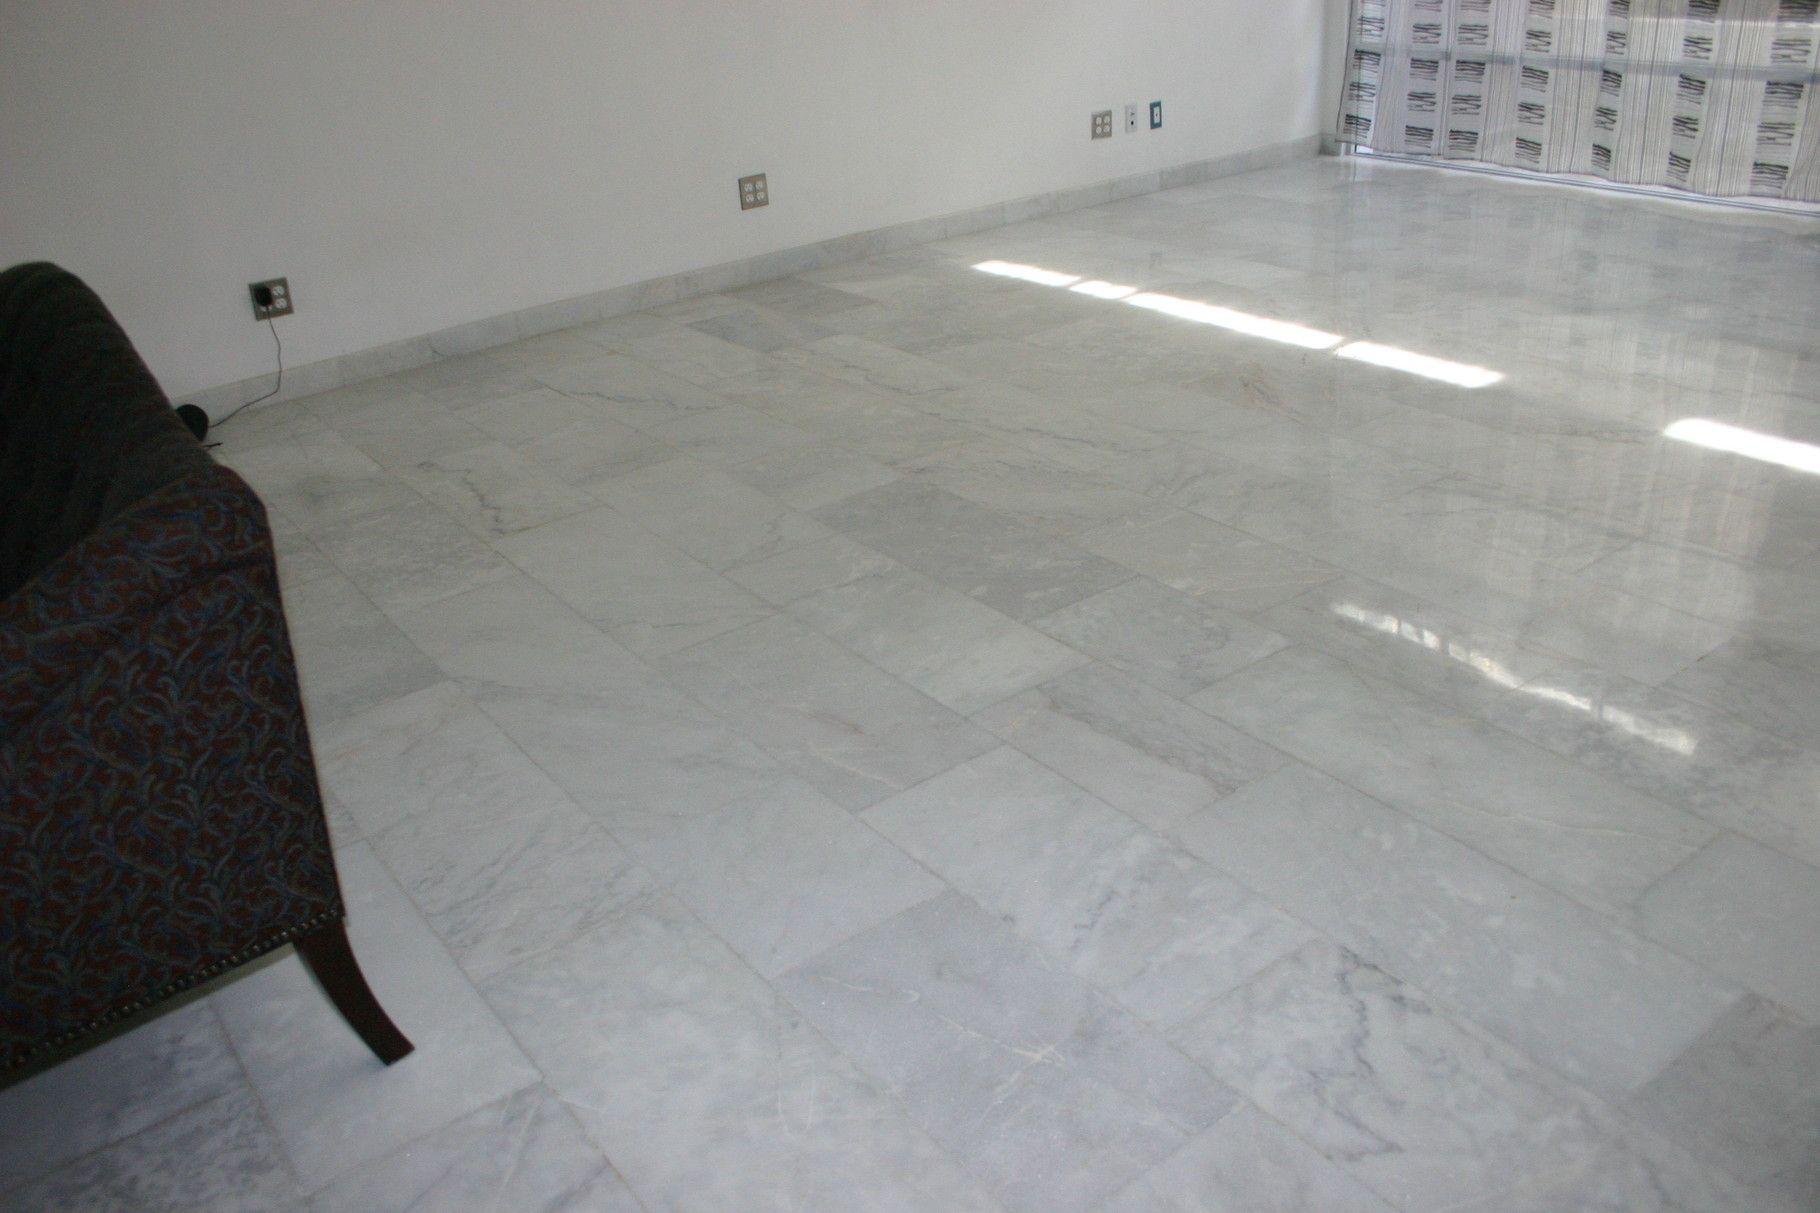 M rmol blanco royal pisos de m rmol blanco royal http - Piso marmol blanco ...